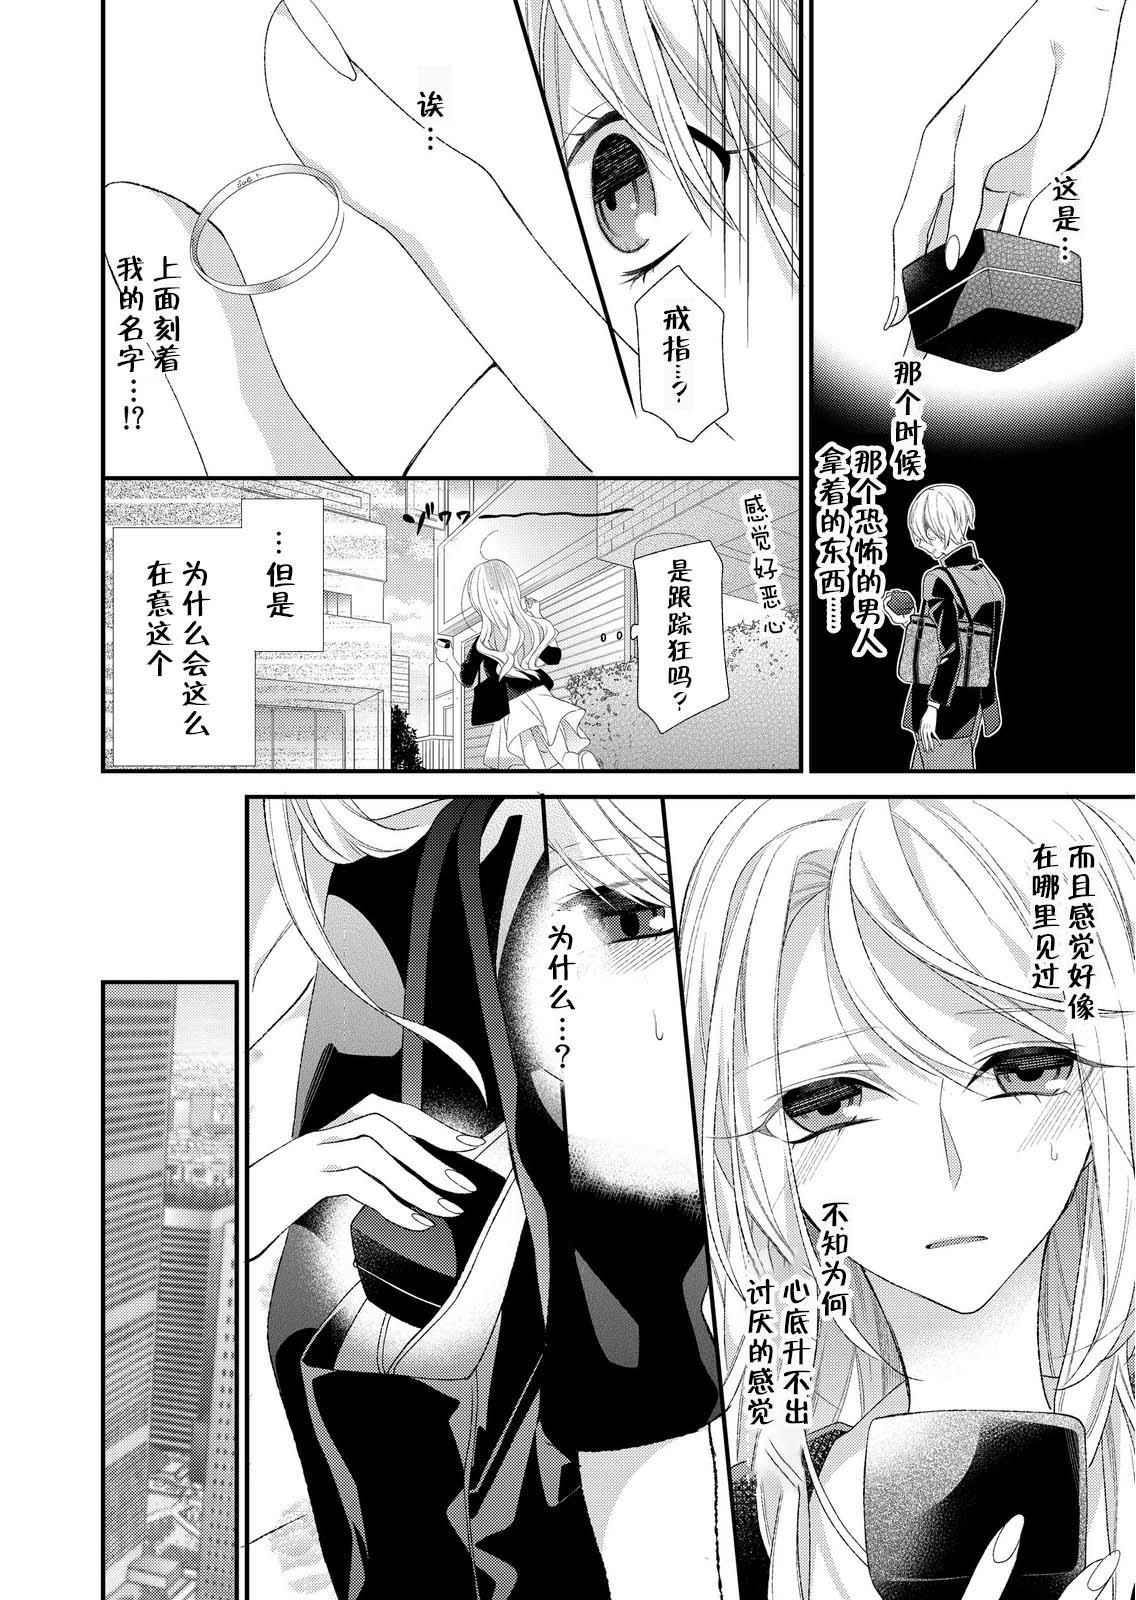 Kioku Sousitsu!? Watashi no Kareshi ha Docchi? Karada de Tameshite・・・ | 失忆!?我的男朋友到底是谁?用身体来确认…Ch. 1-2 43